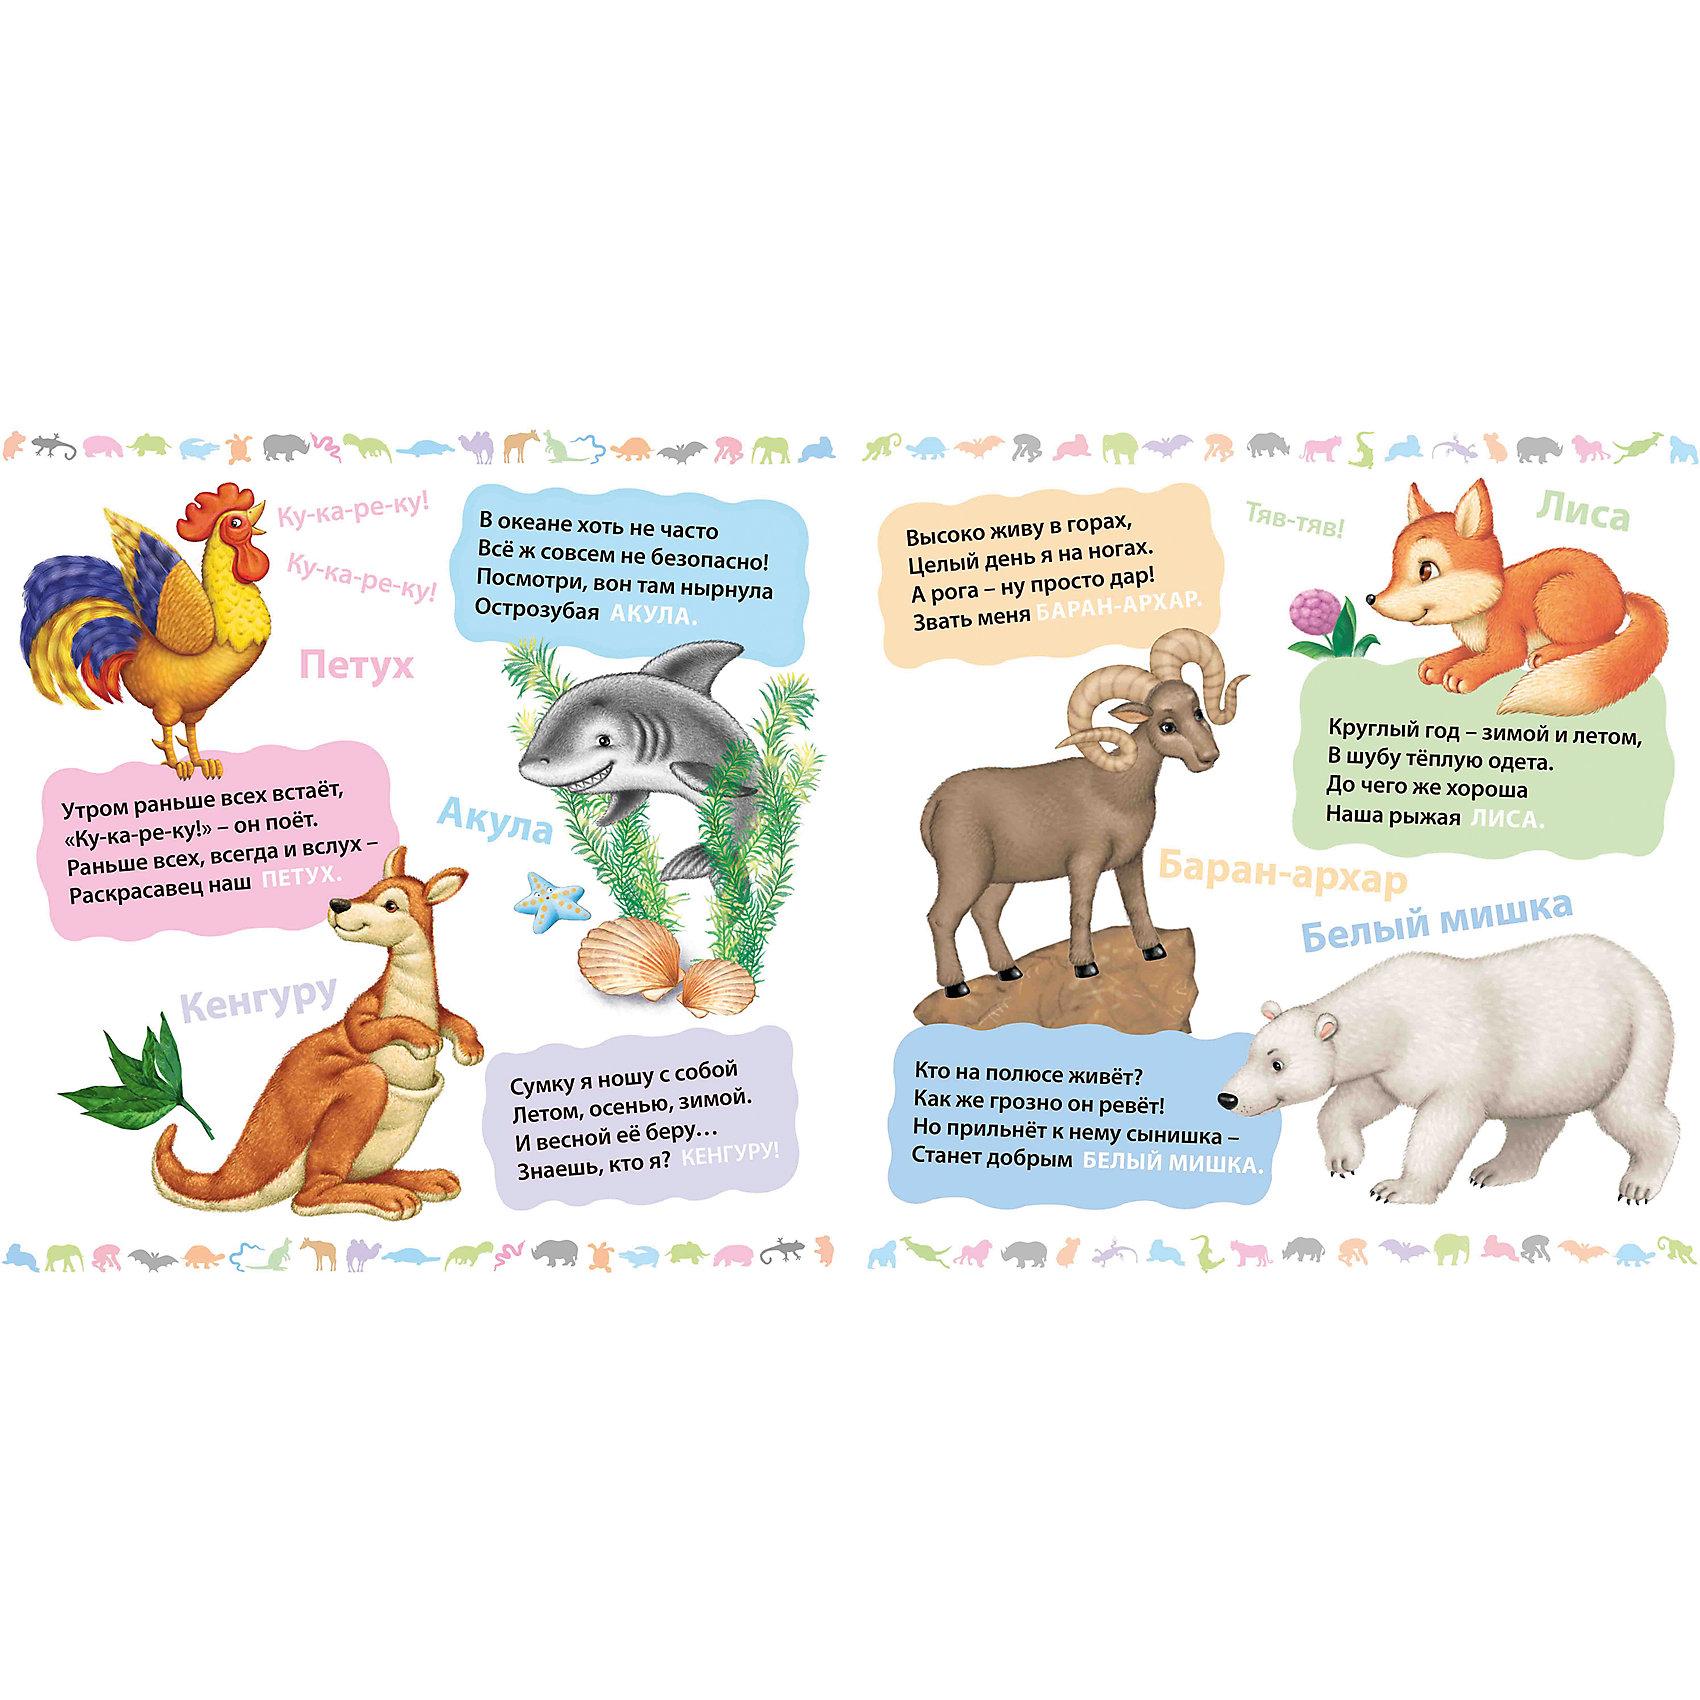 загадочность загадки про животных ответы в картинках нас любит сделать